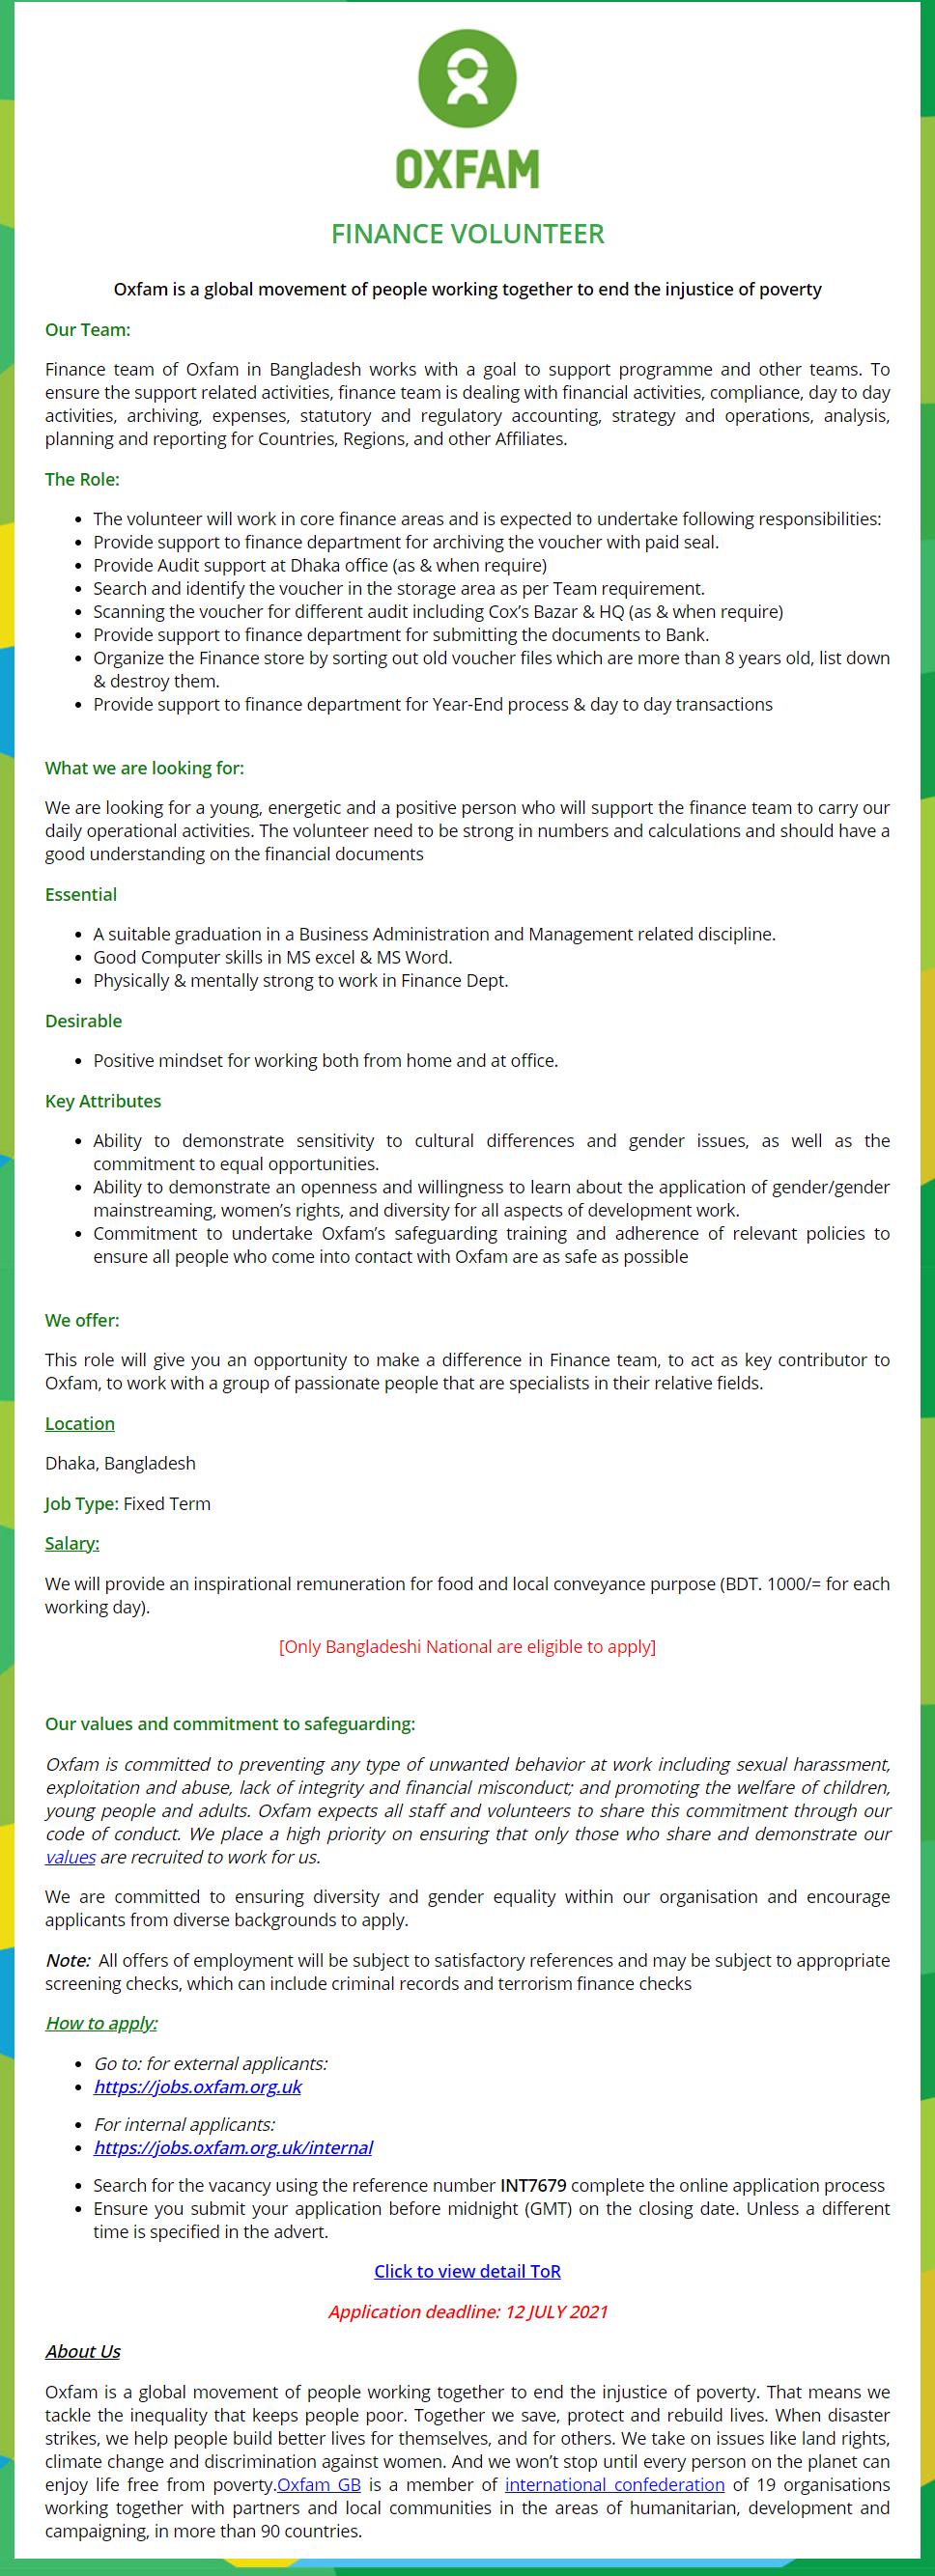 Oxfam Job Circular 2021